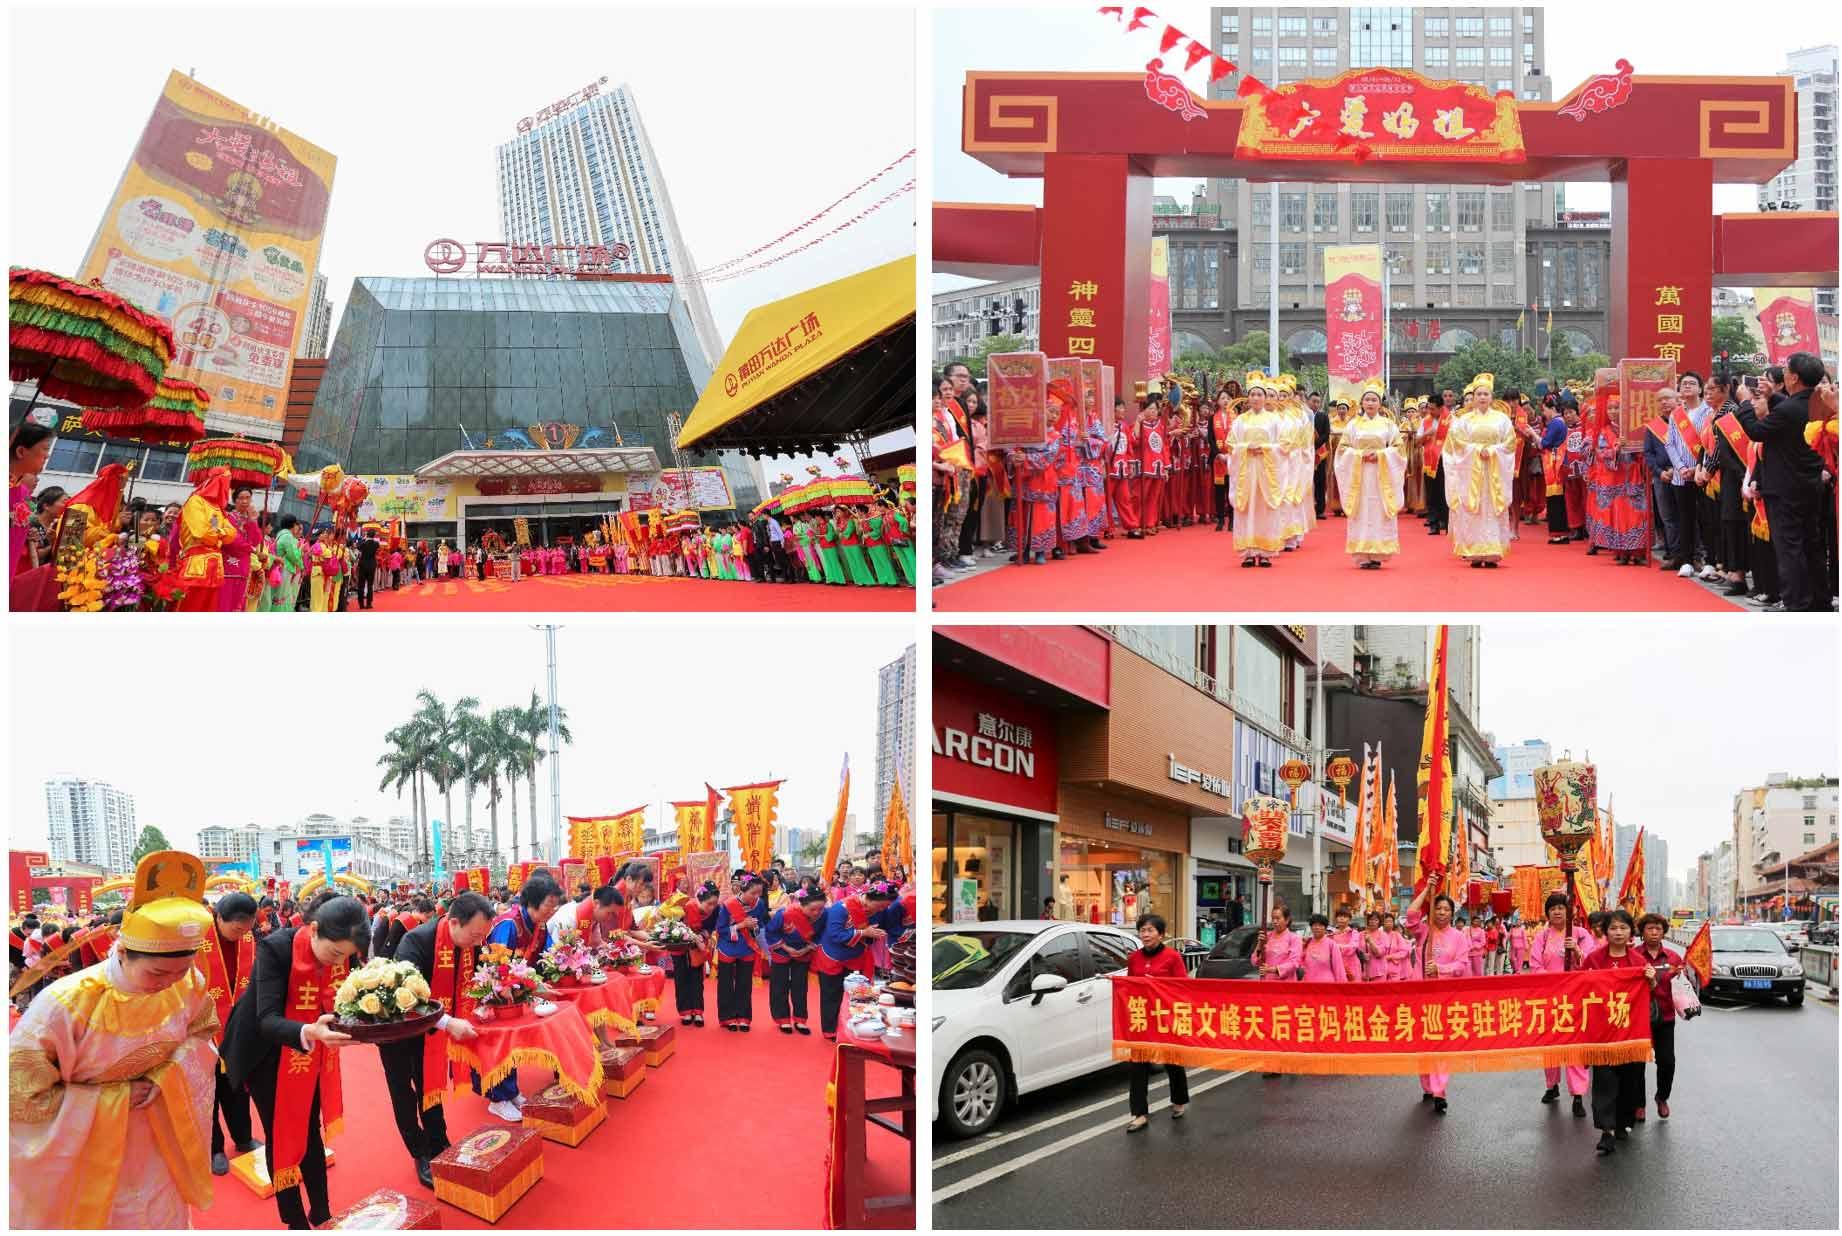 福建莆田万达广场举办第七届妈祖文化节